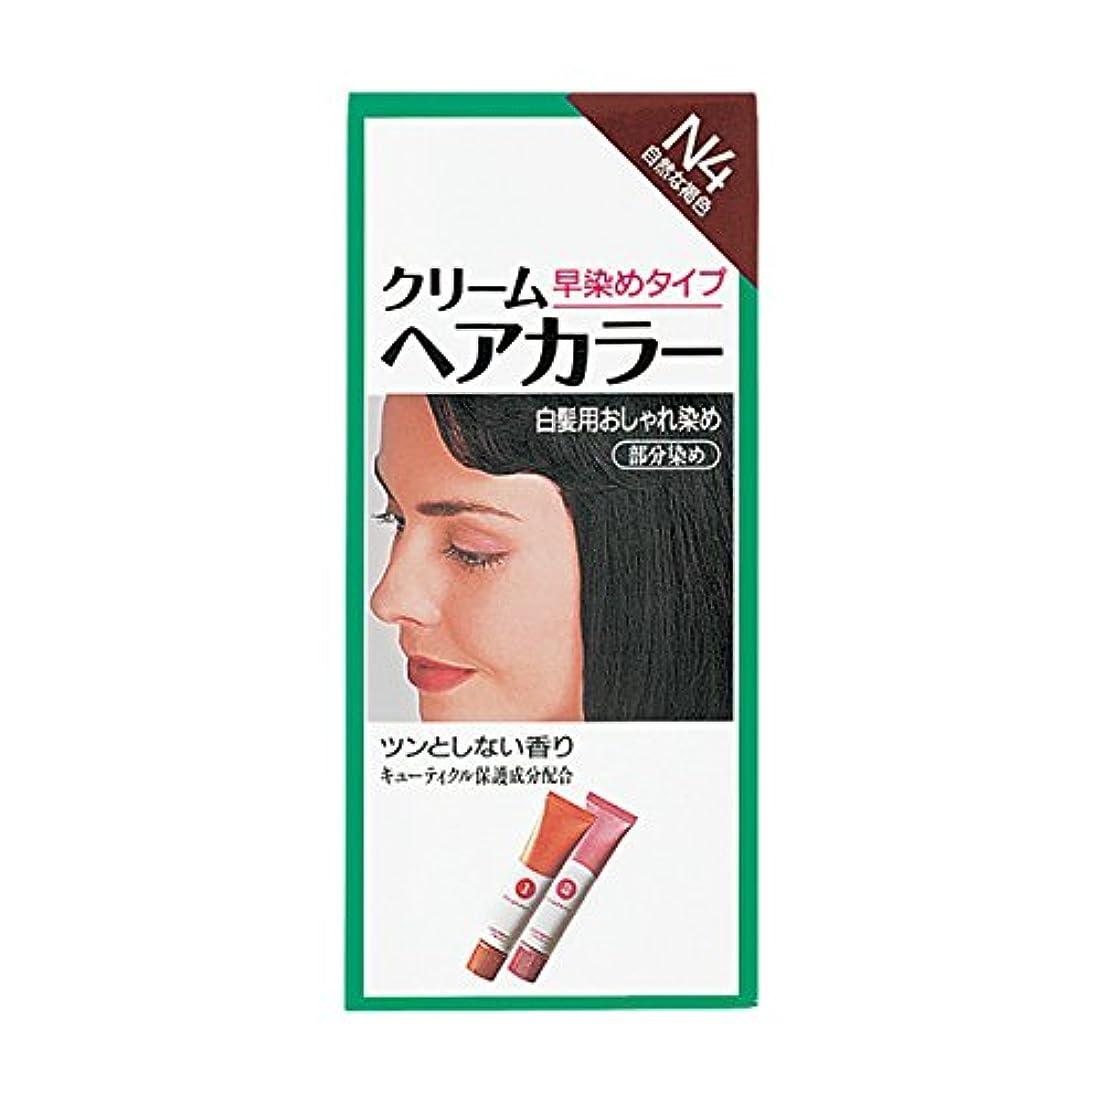 非アクティブ伝える捧げるヘアカラー クリームヘアカラーN N4 【医薬部外品】